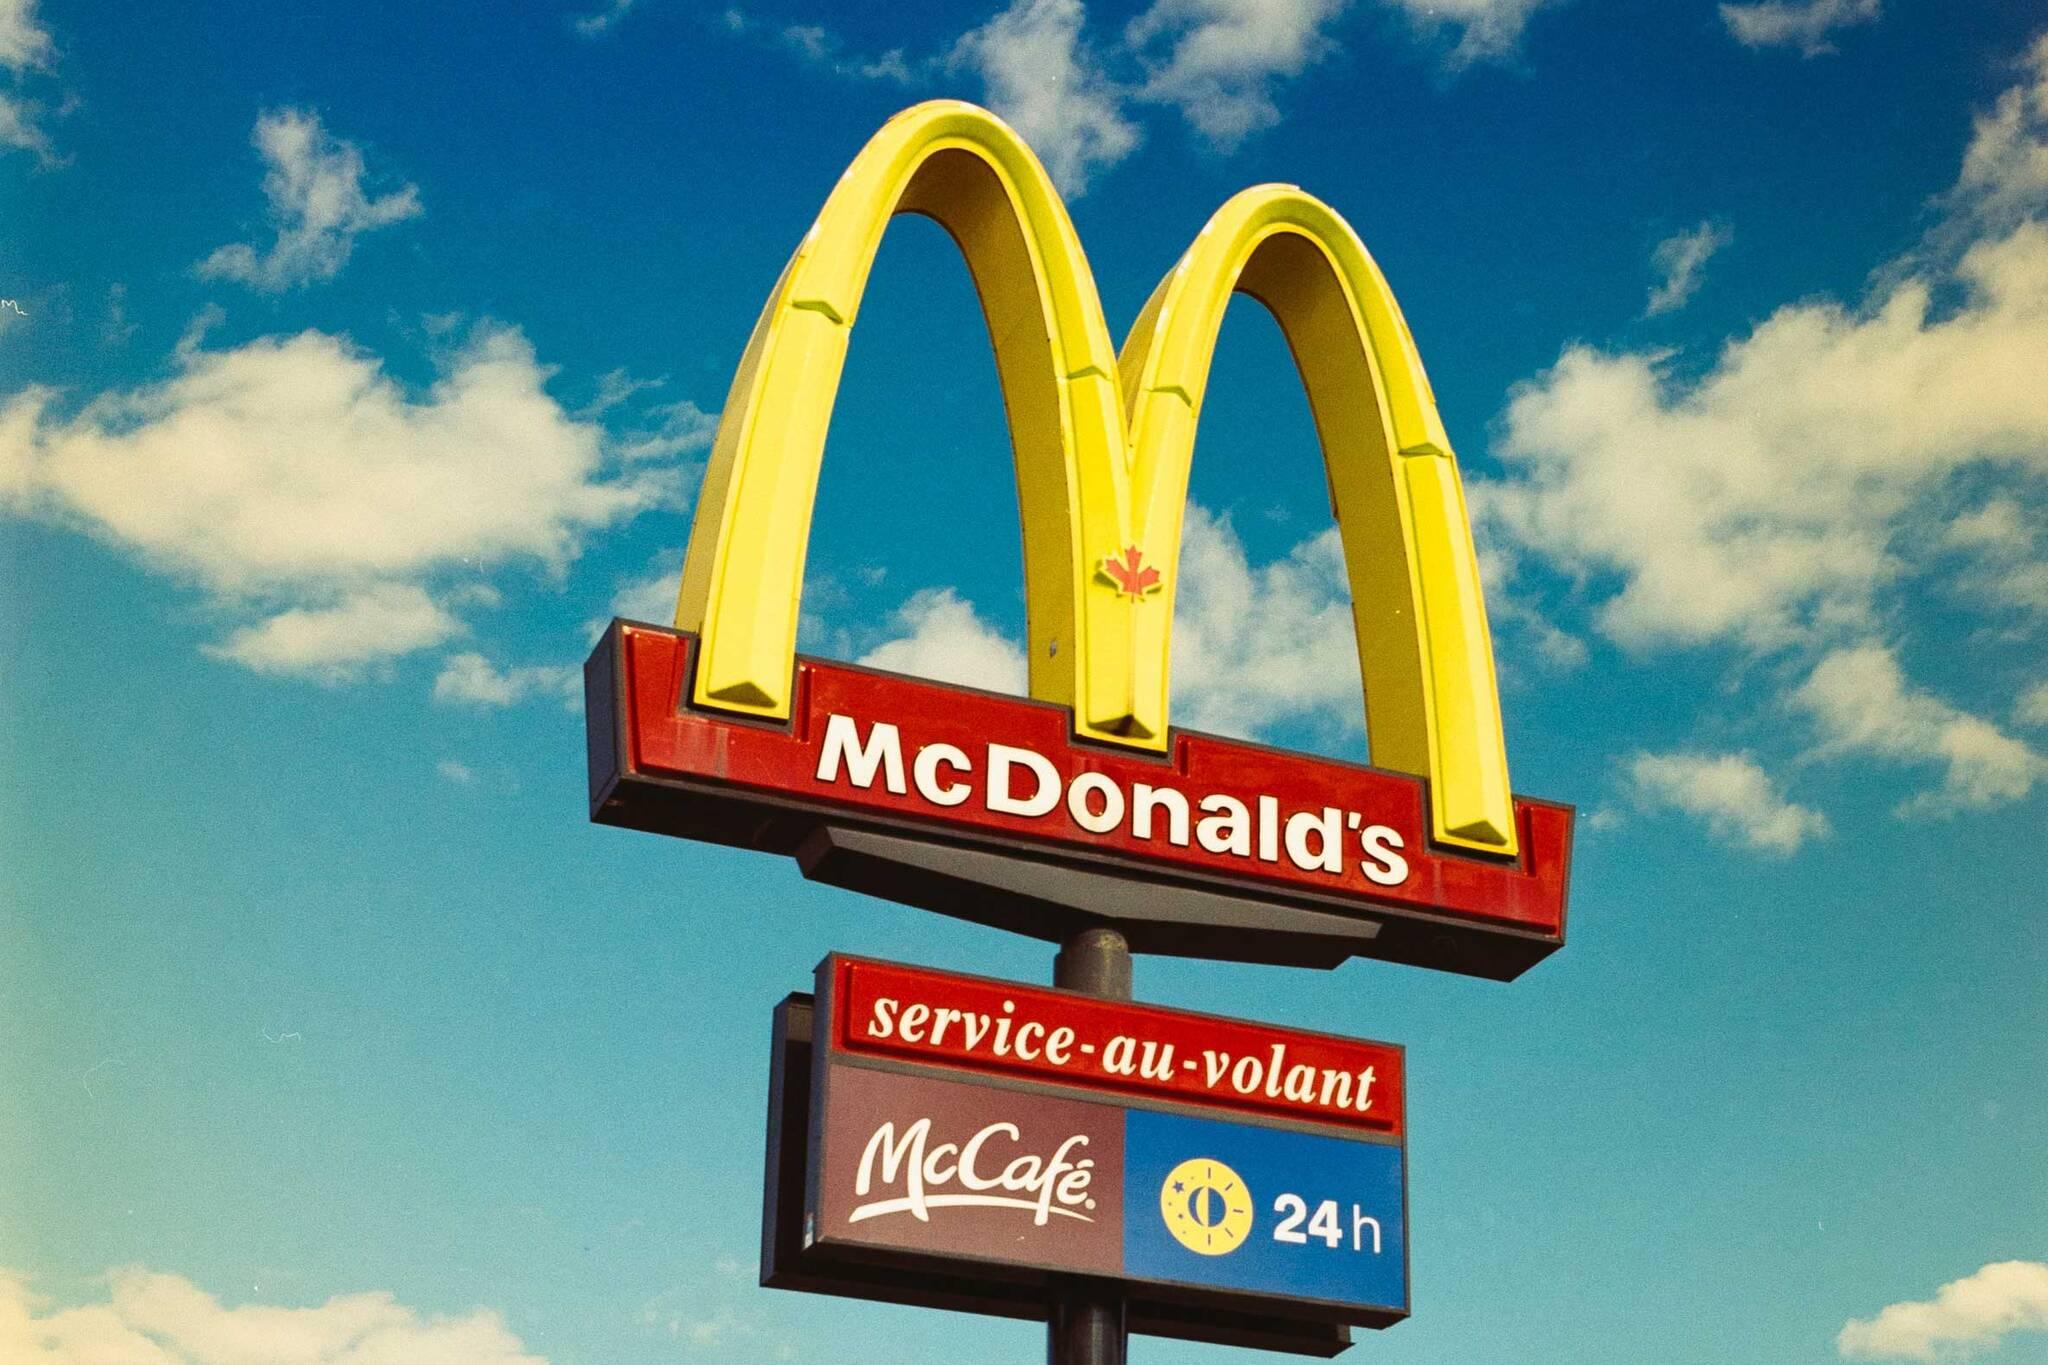 mcdonalds canada